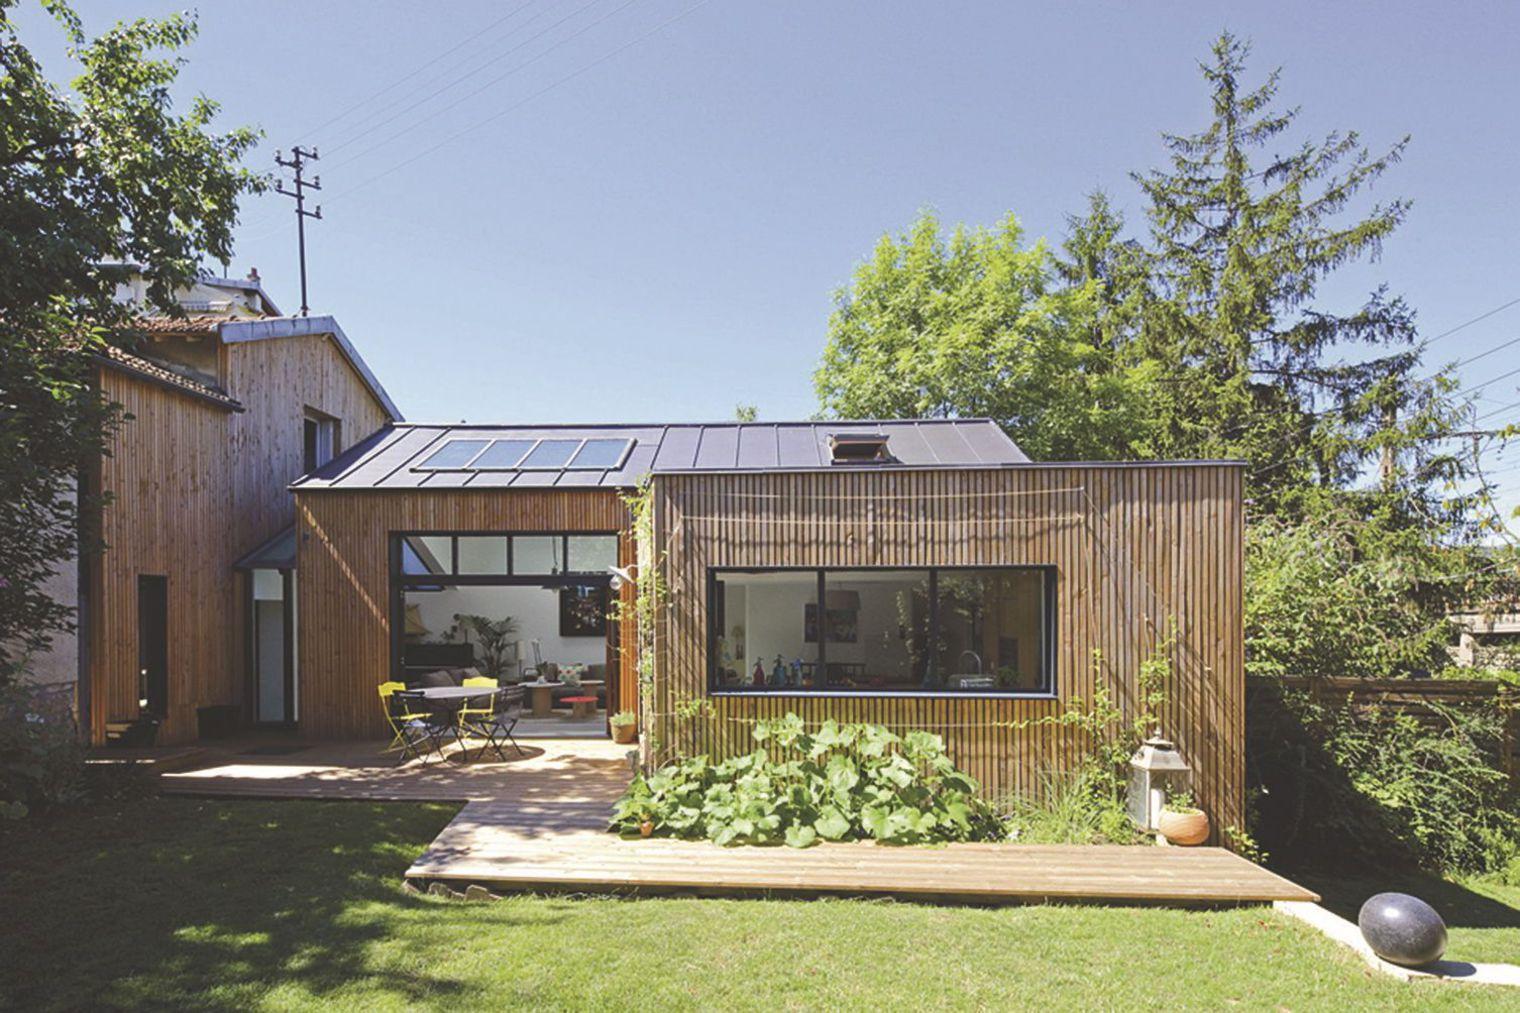 extension-a-ossature-bois-integree-a-une-maison_5134551